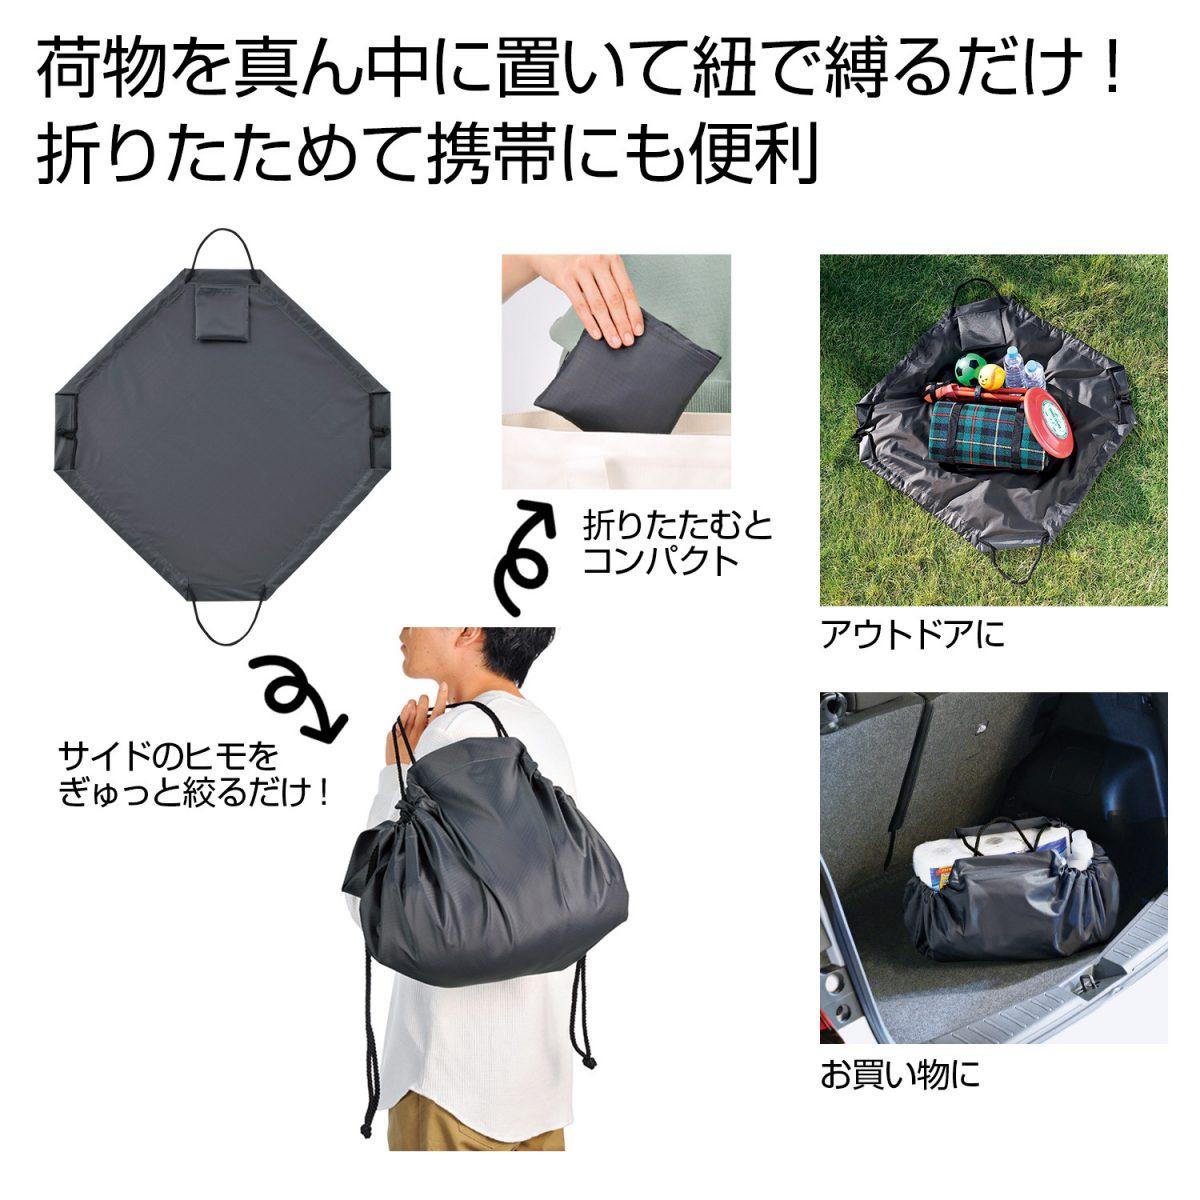 ざっくり詰めて!運べるバッグ